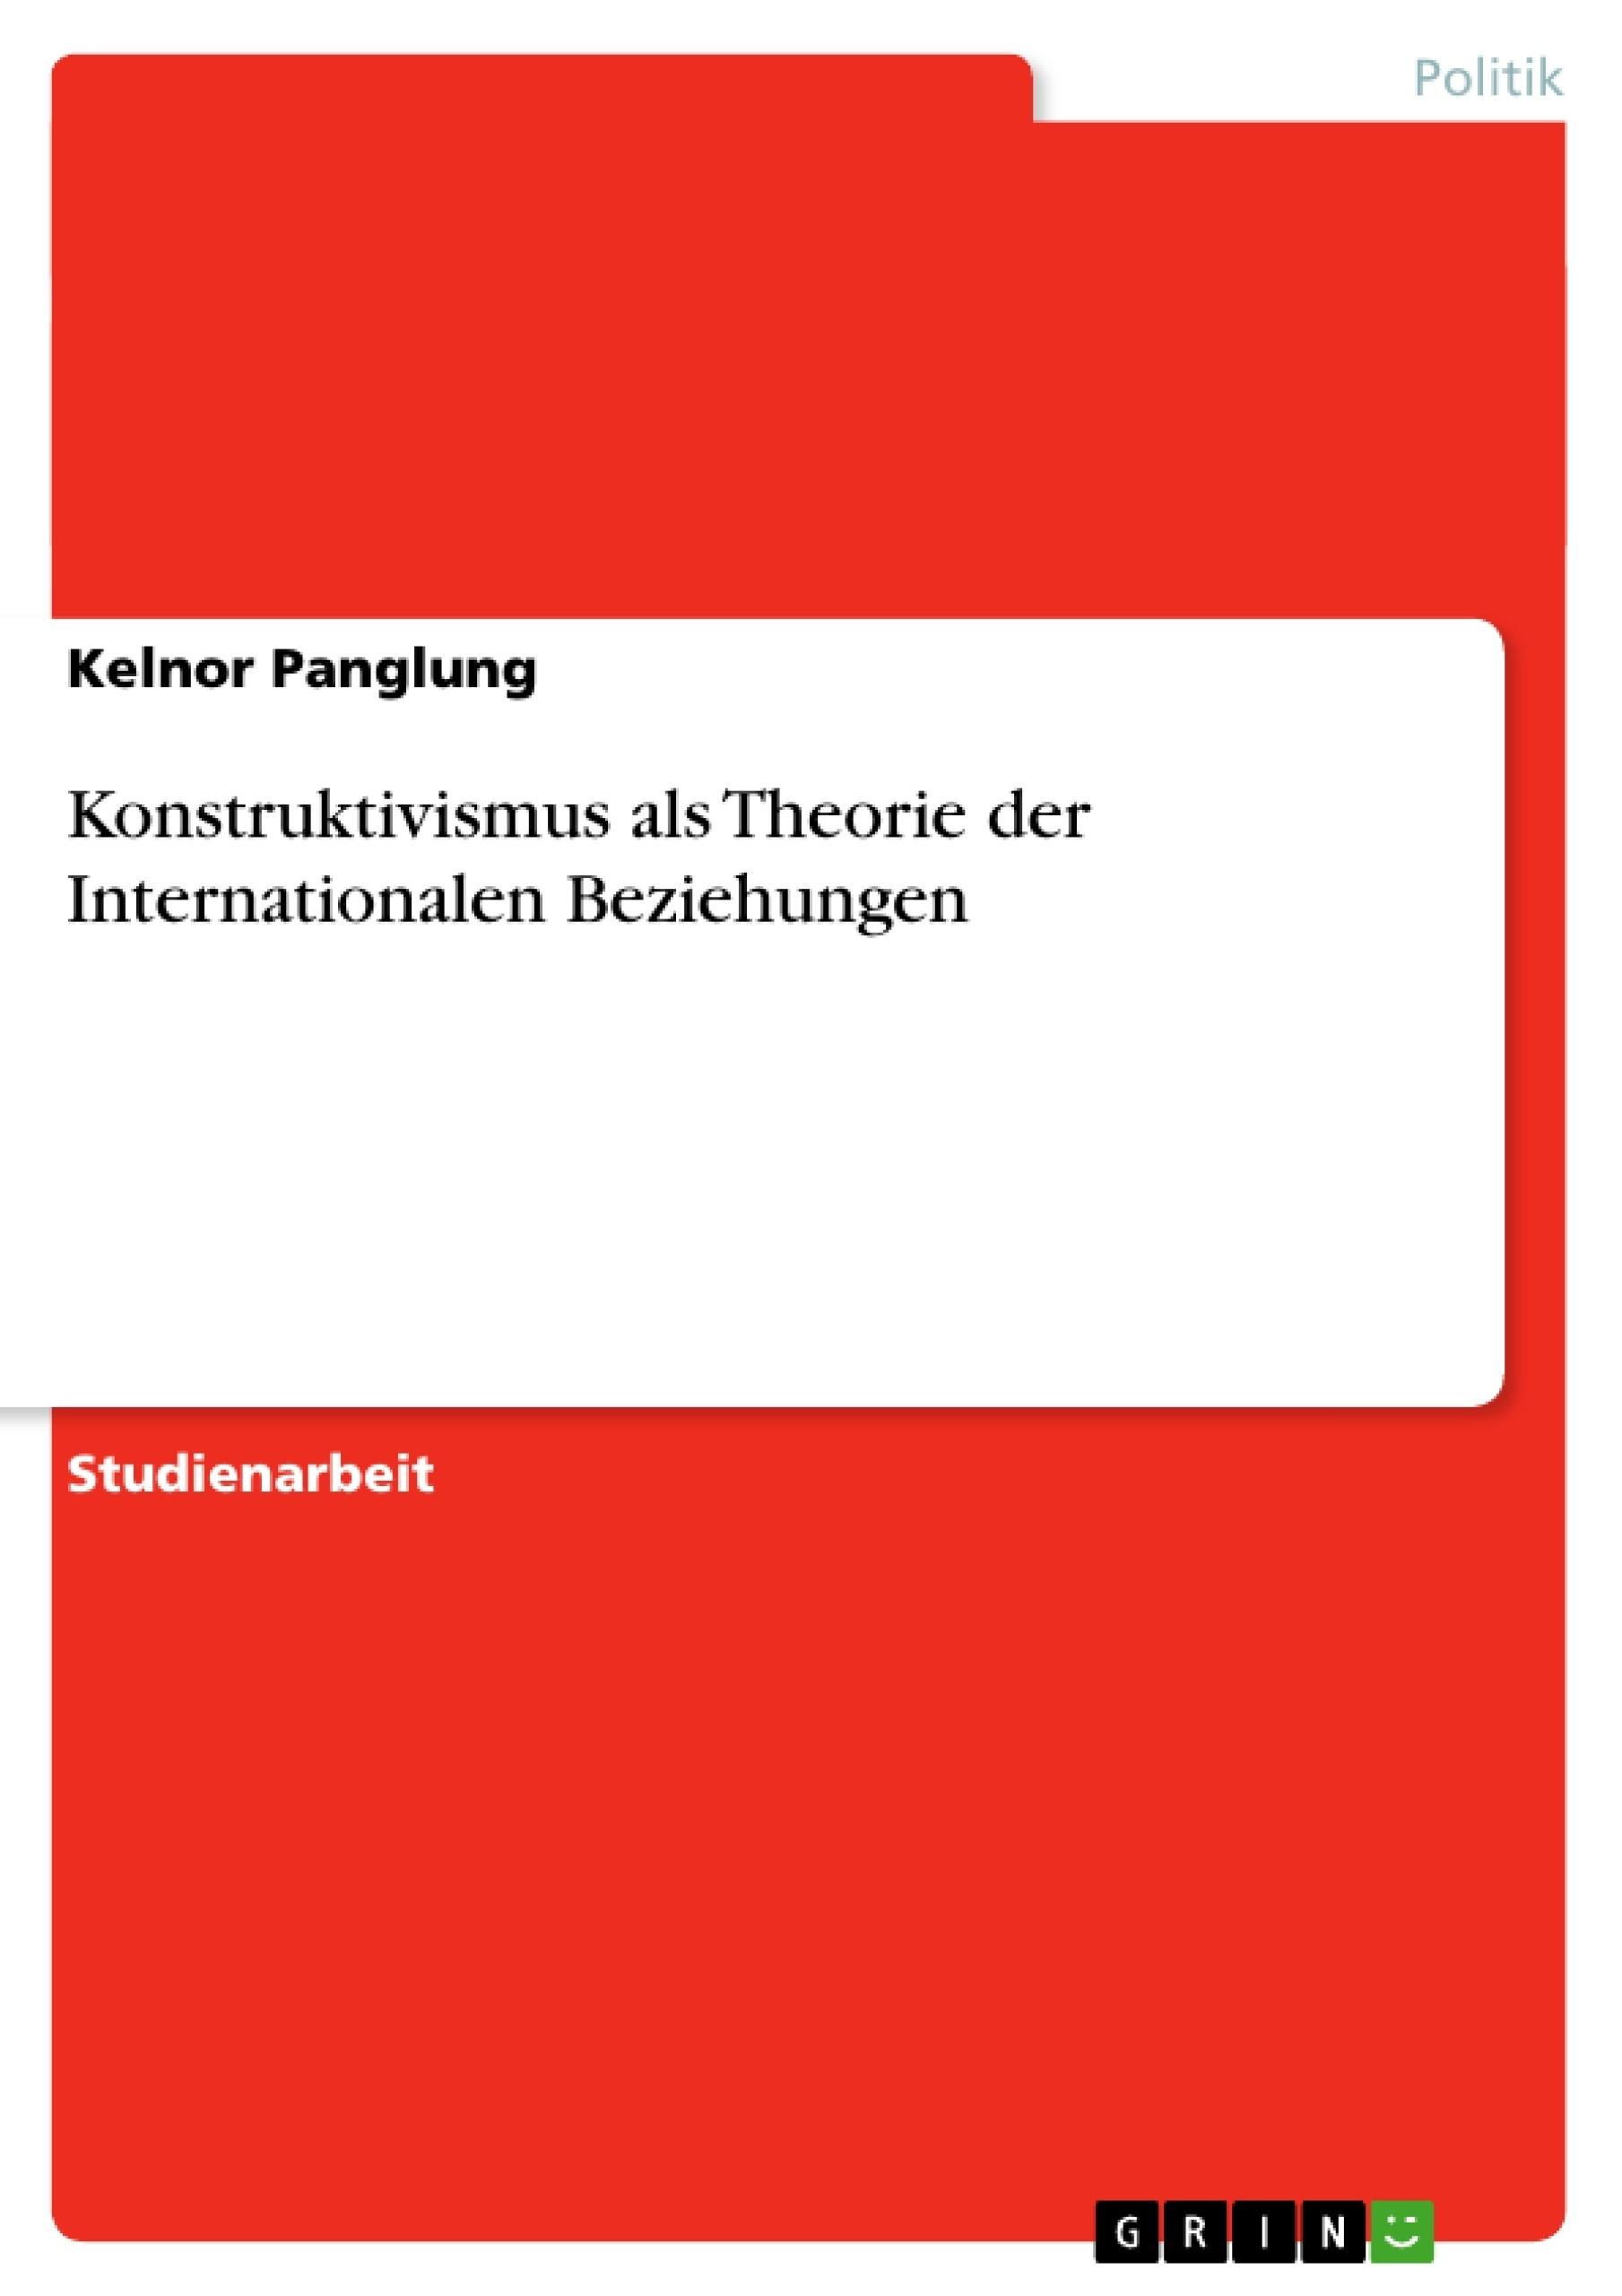 Titel: Konstruktivismus als Theorie der Internationalen Beziehungen